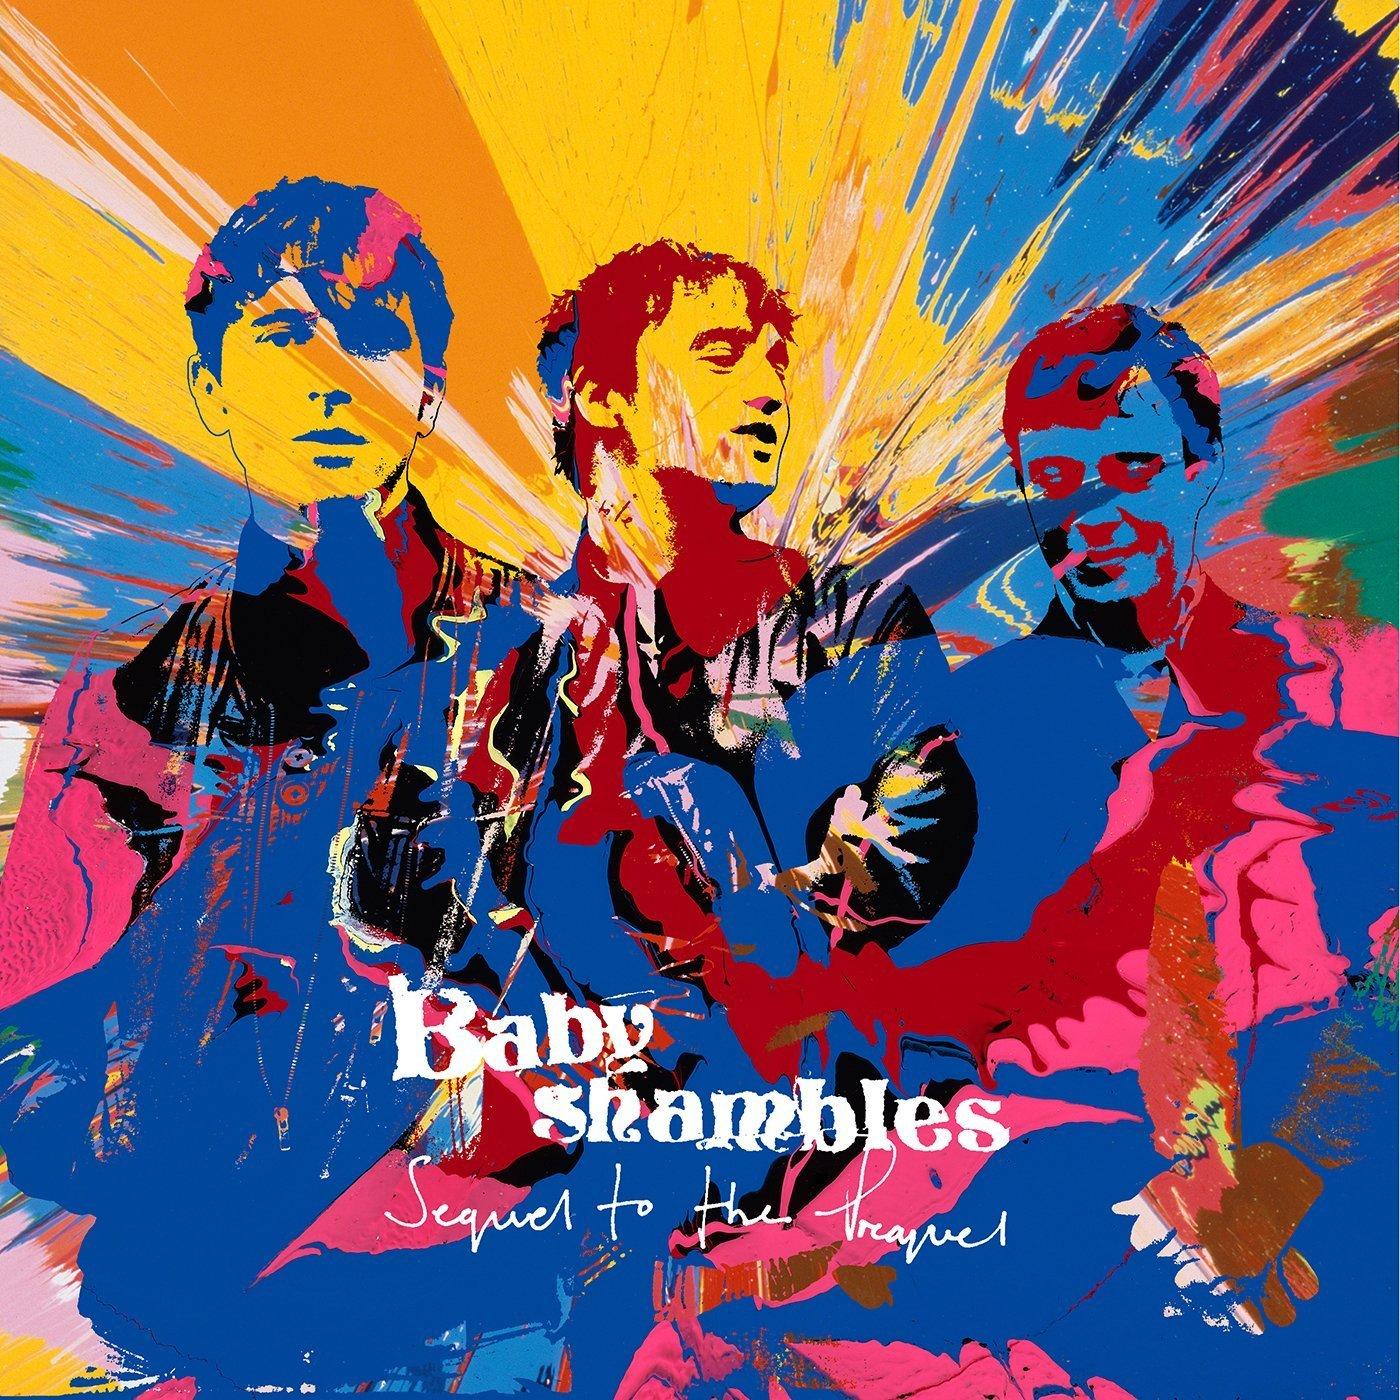 Babyshambles Sequel to the Prequel